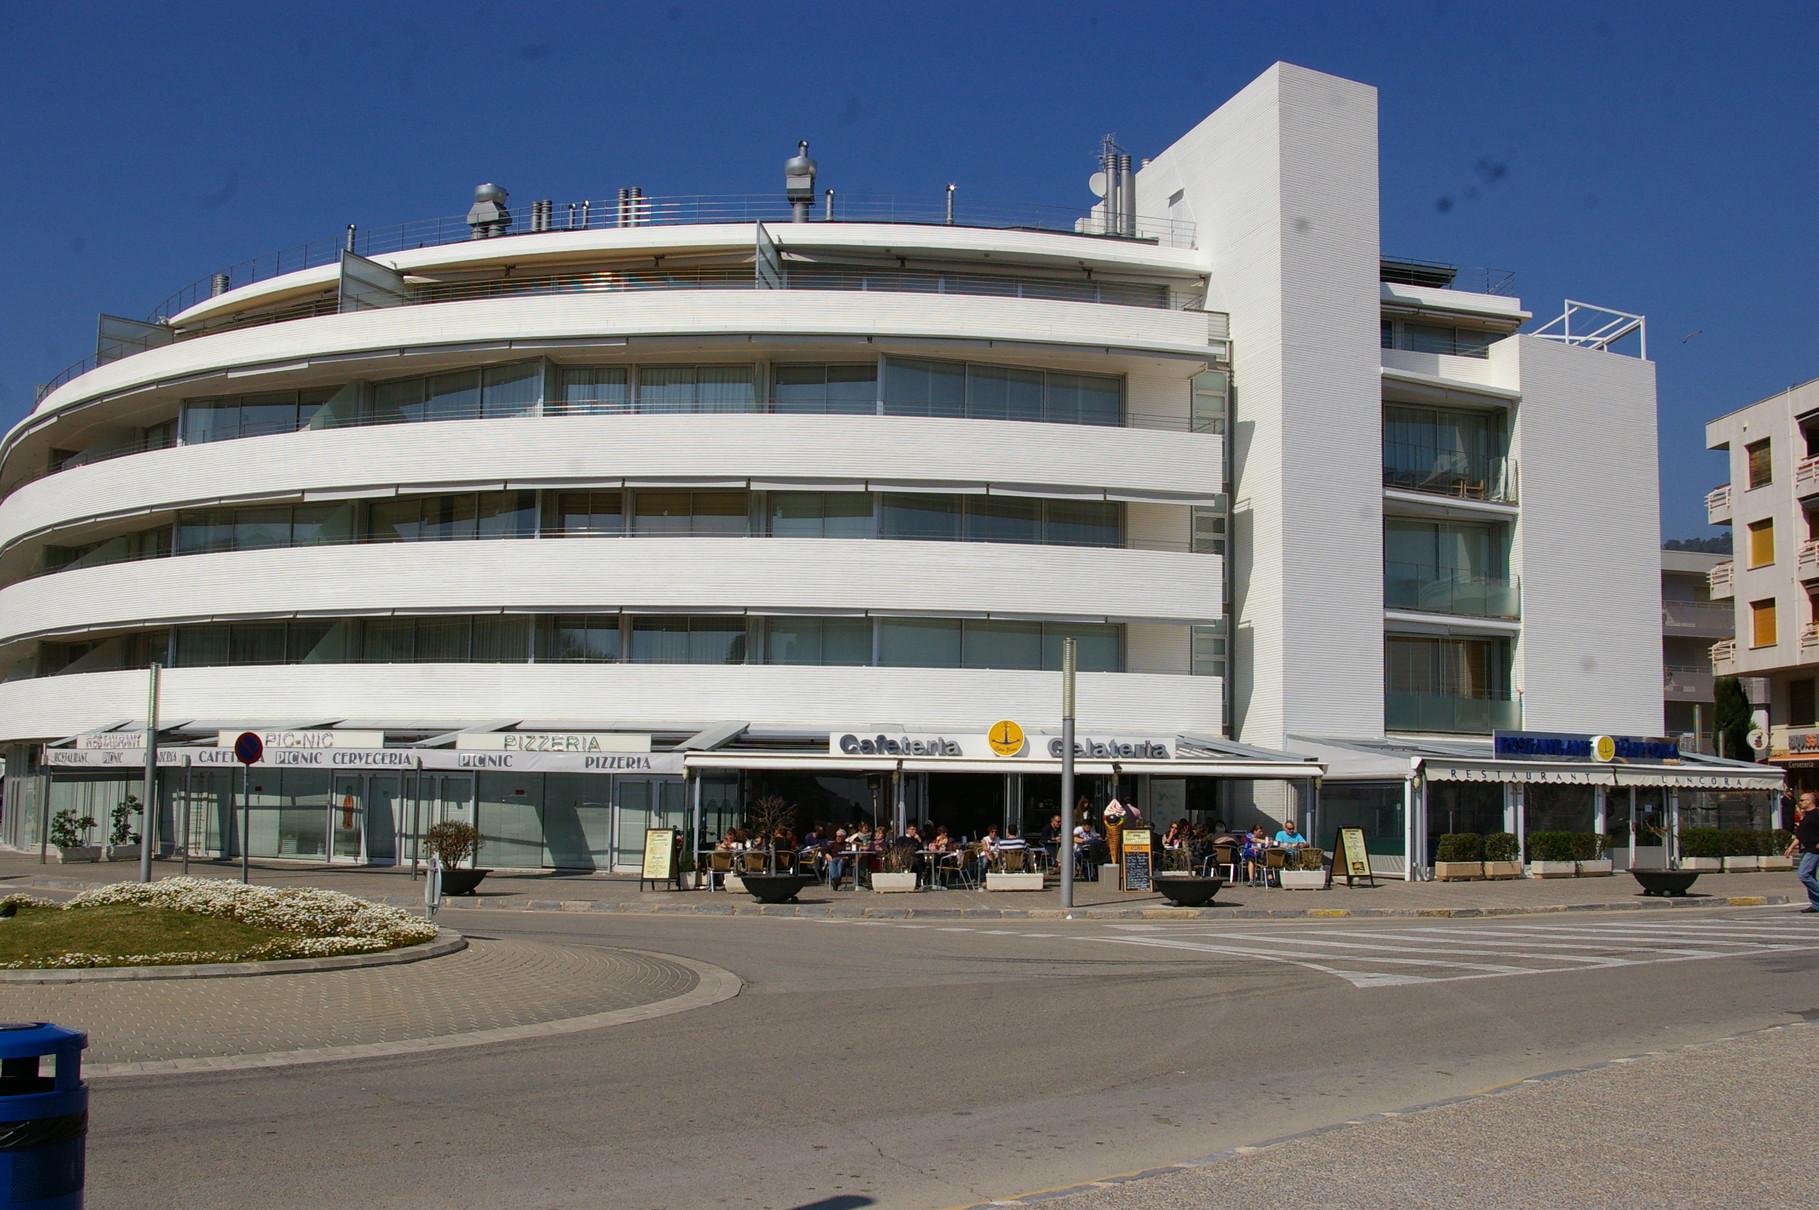 Appartement façade du bâtiment